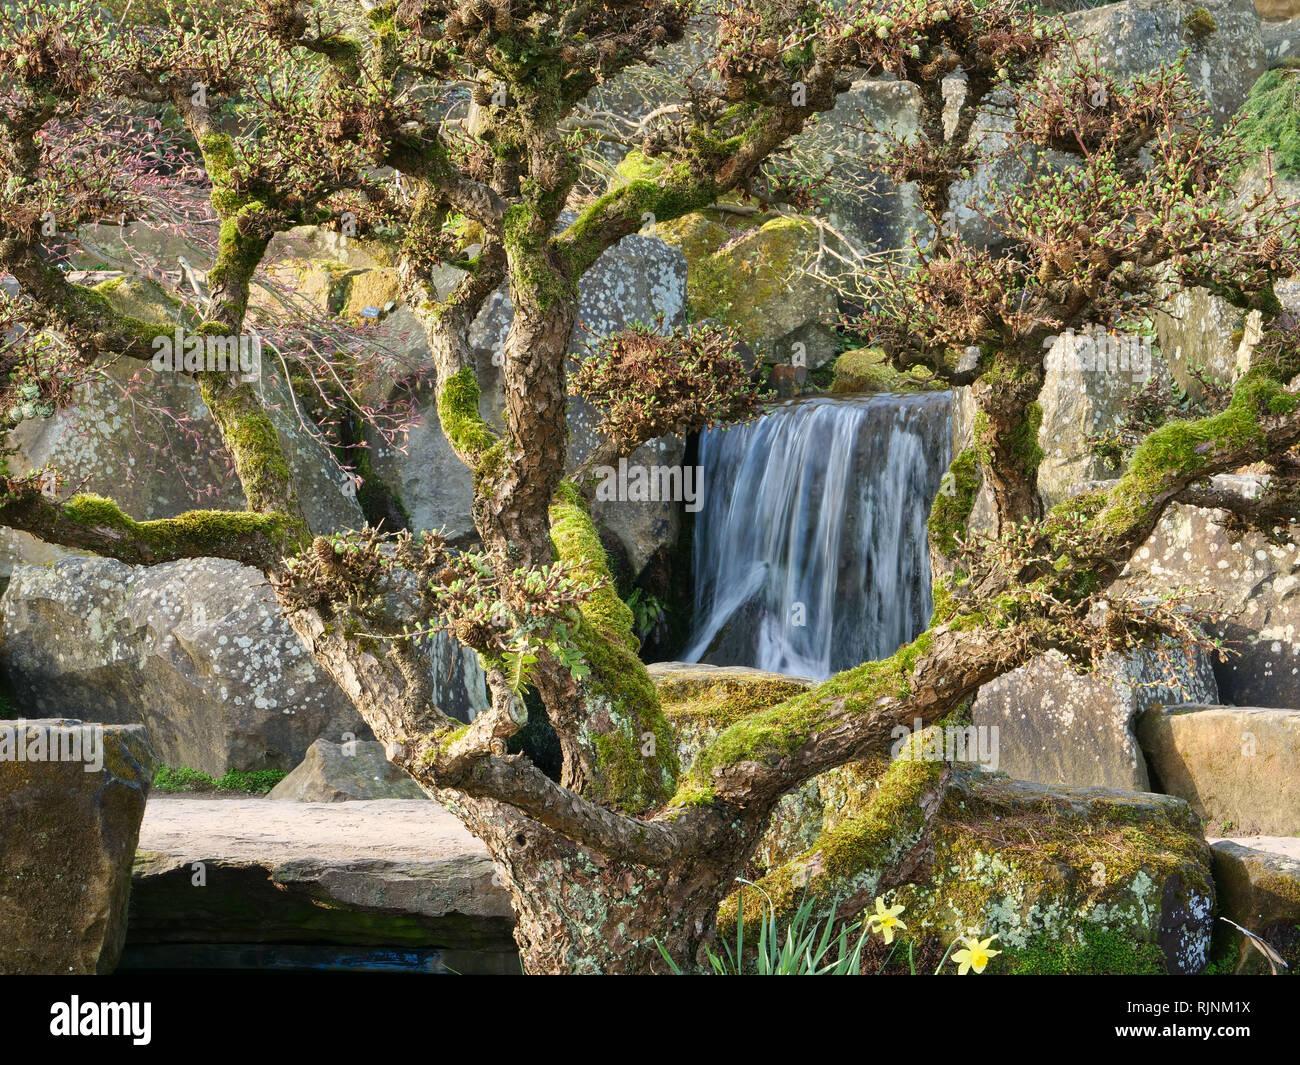 Wasserfälle In Einem Kleinen Bach Im Garten Machen Das